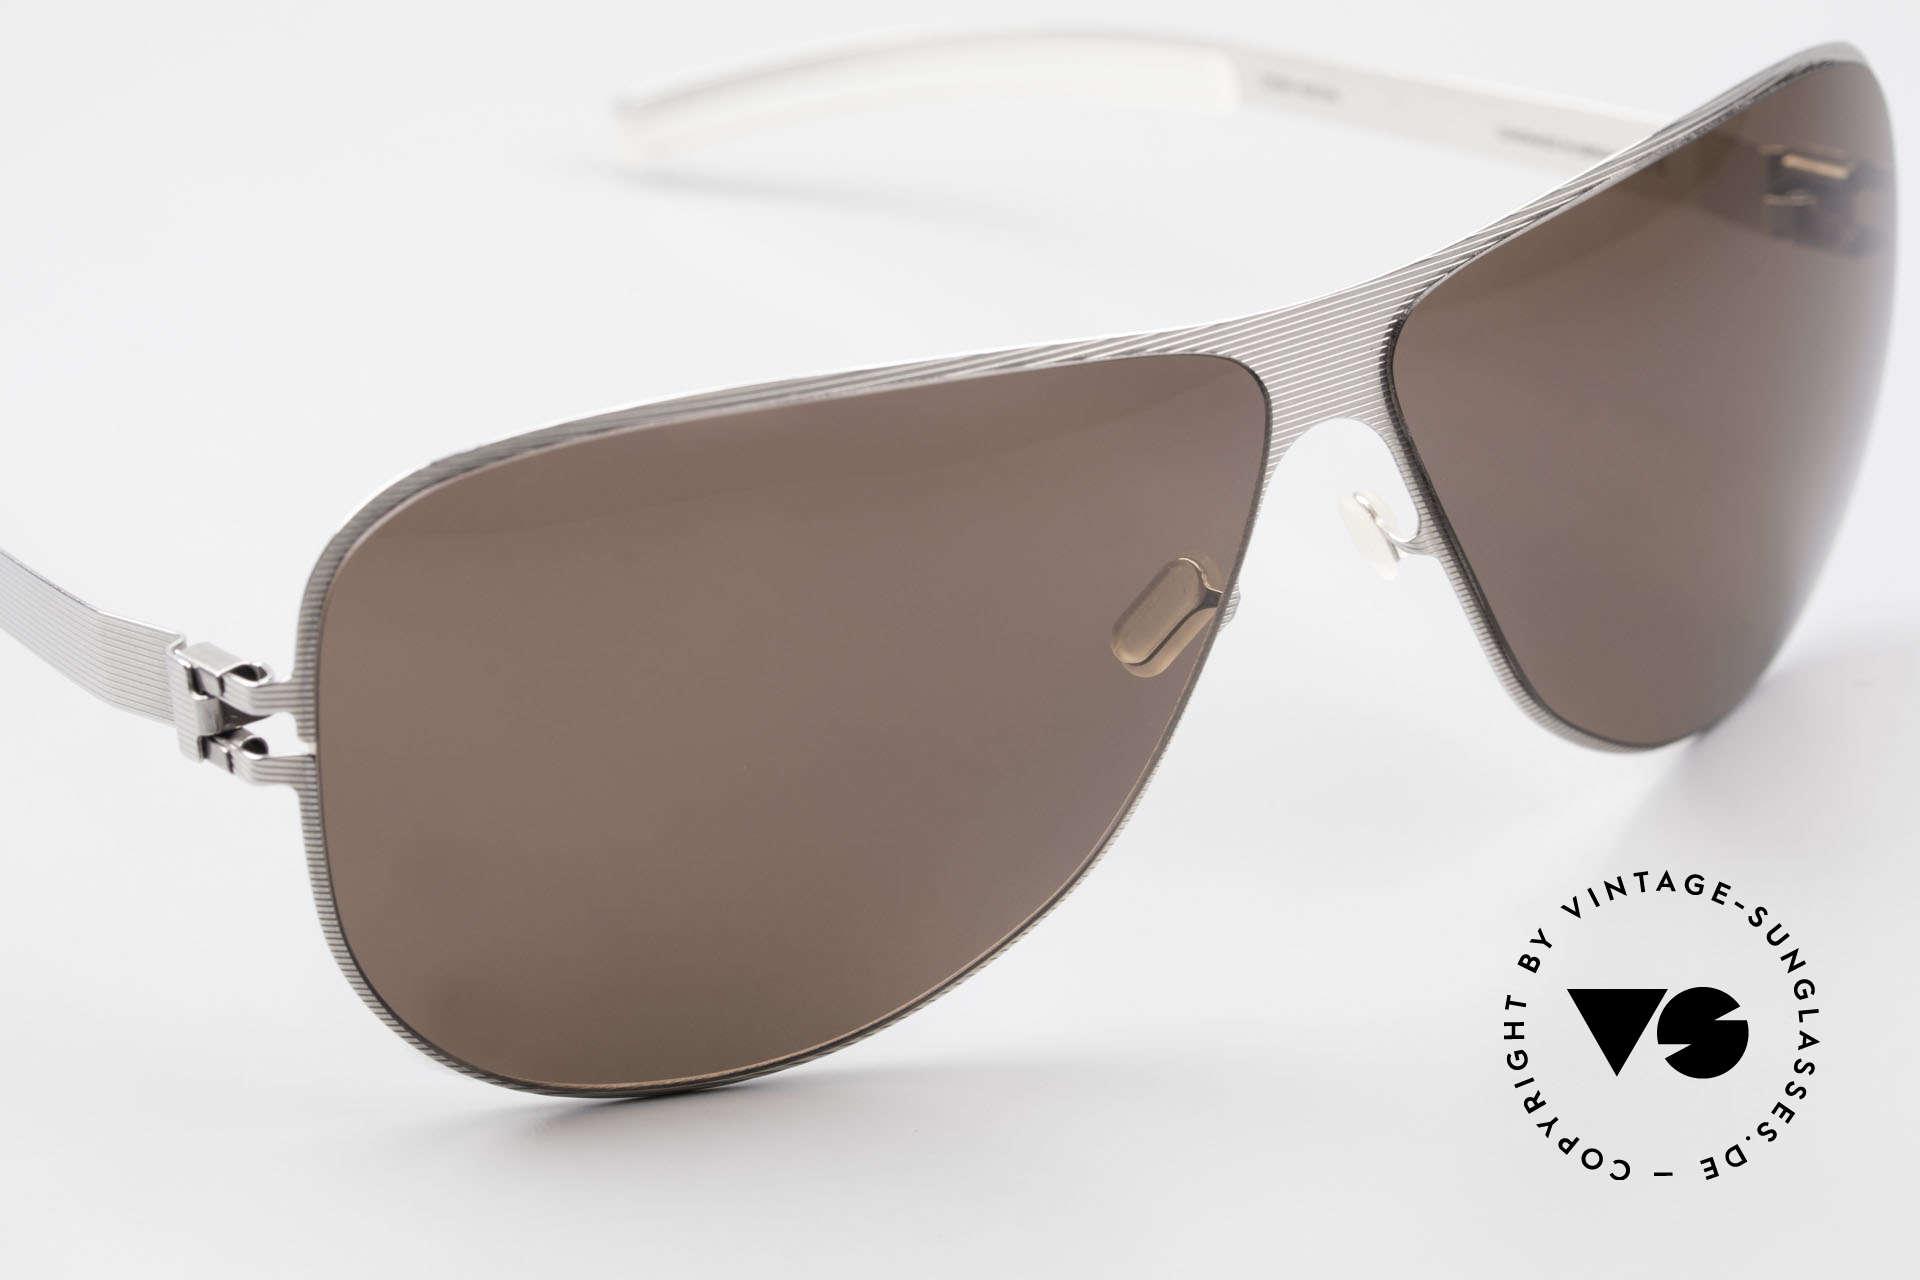 Mykita Ava Damen Aviator Brille Polarized, echt hochwertig & cooles Design (Ladies Aviator-Brille), Passend für Damen